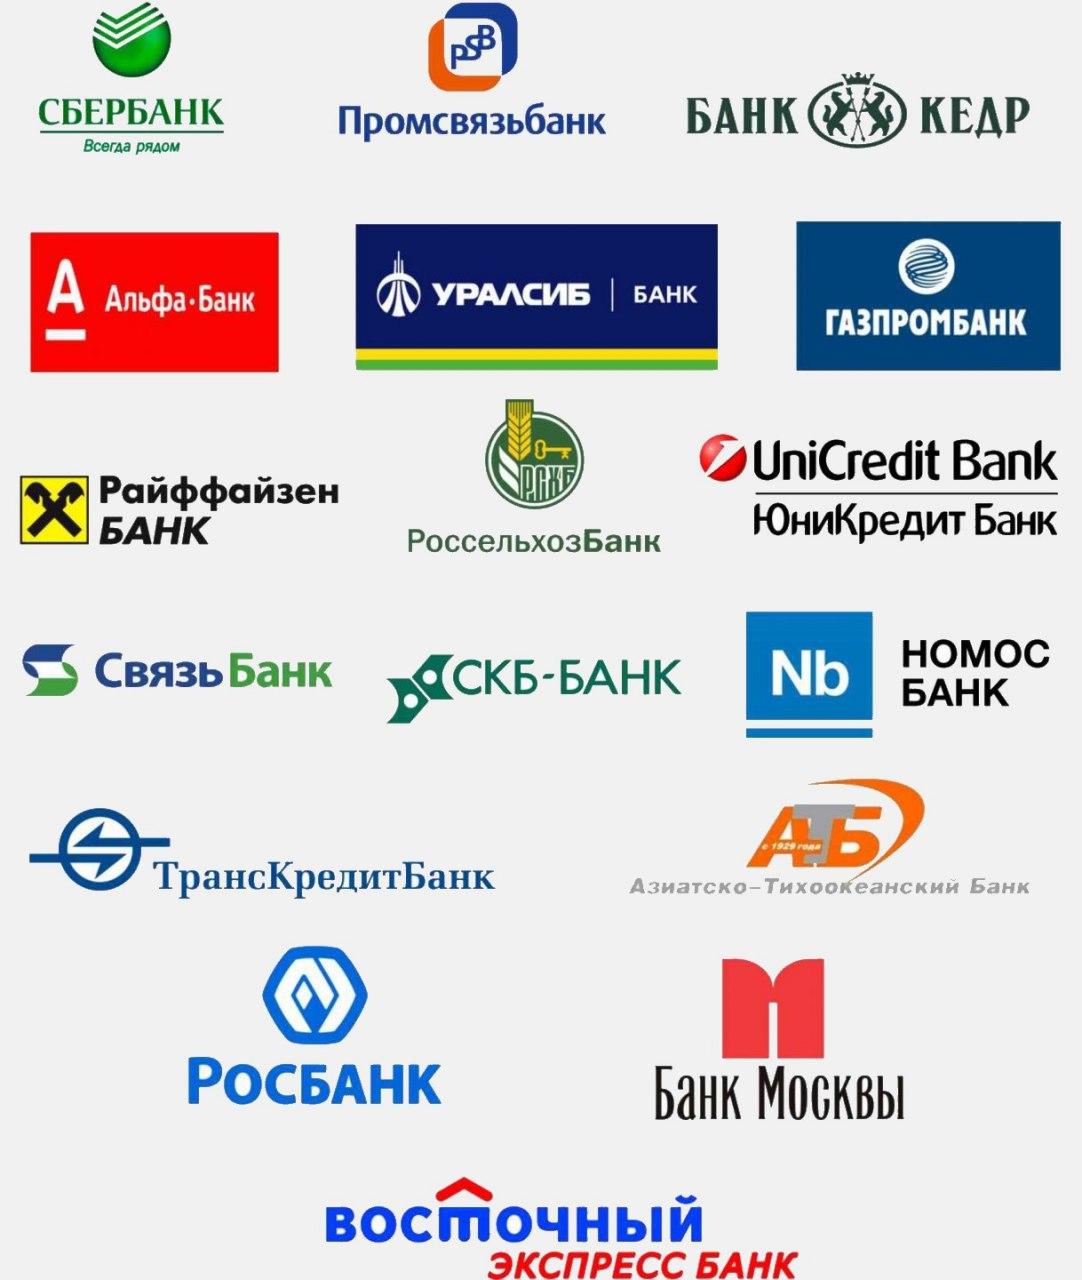 Картинка с логотипами банков, днем рождения